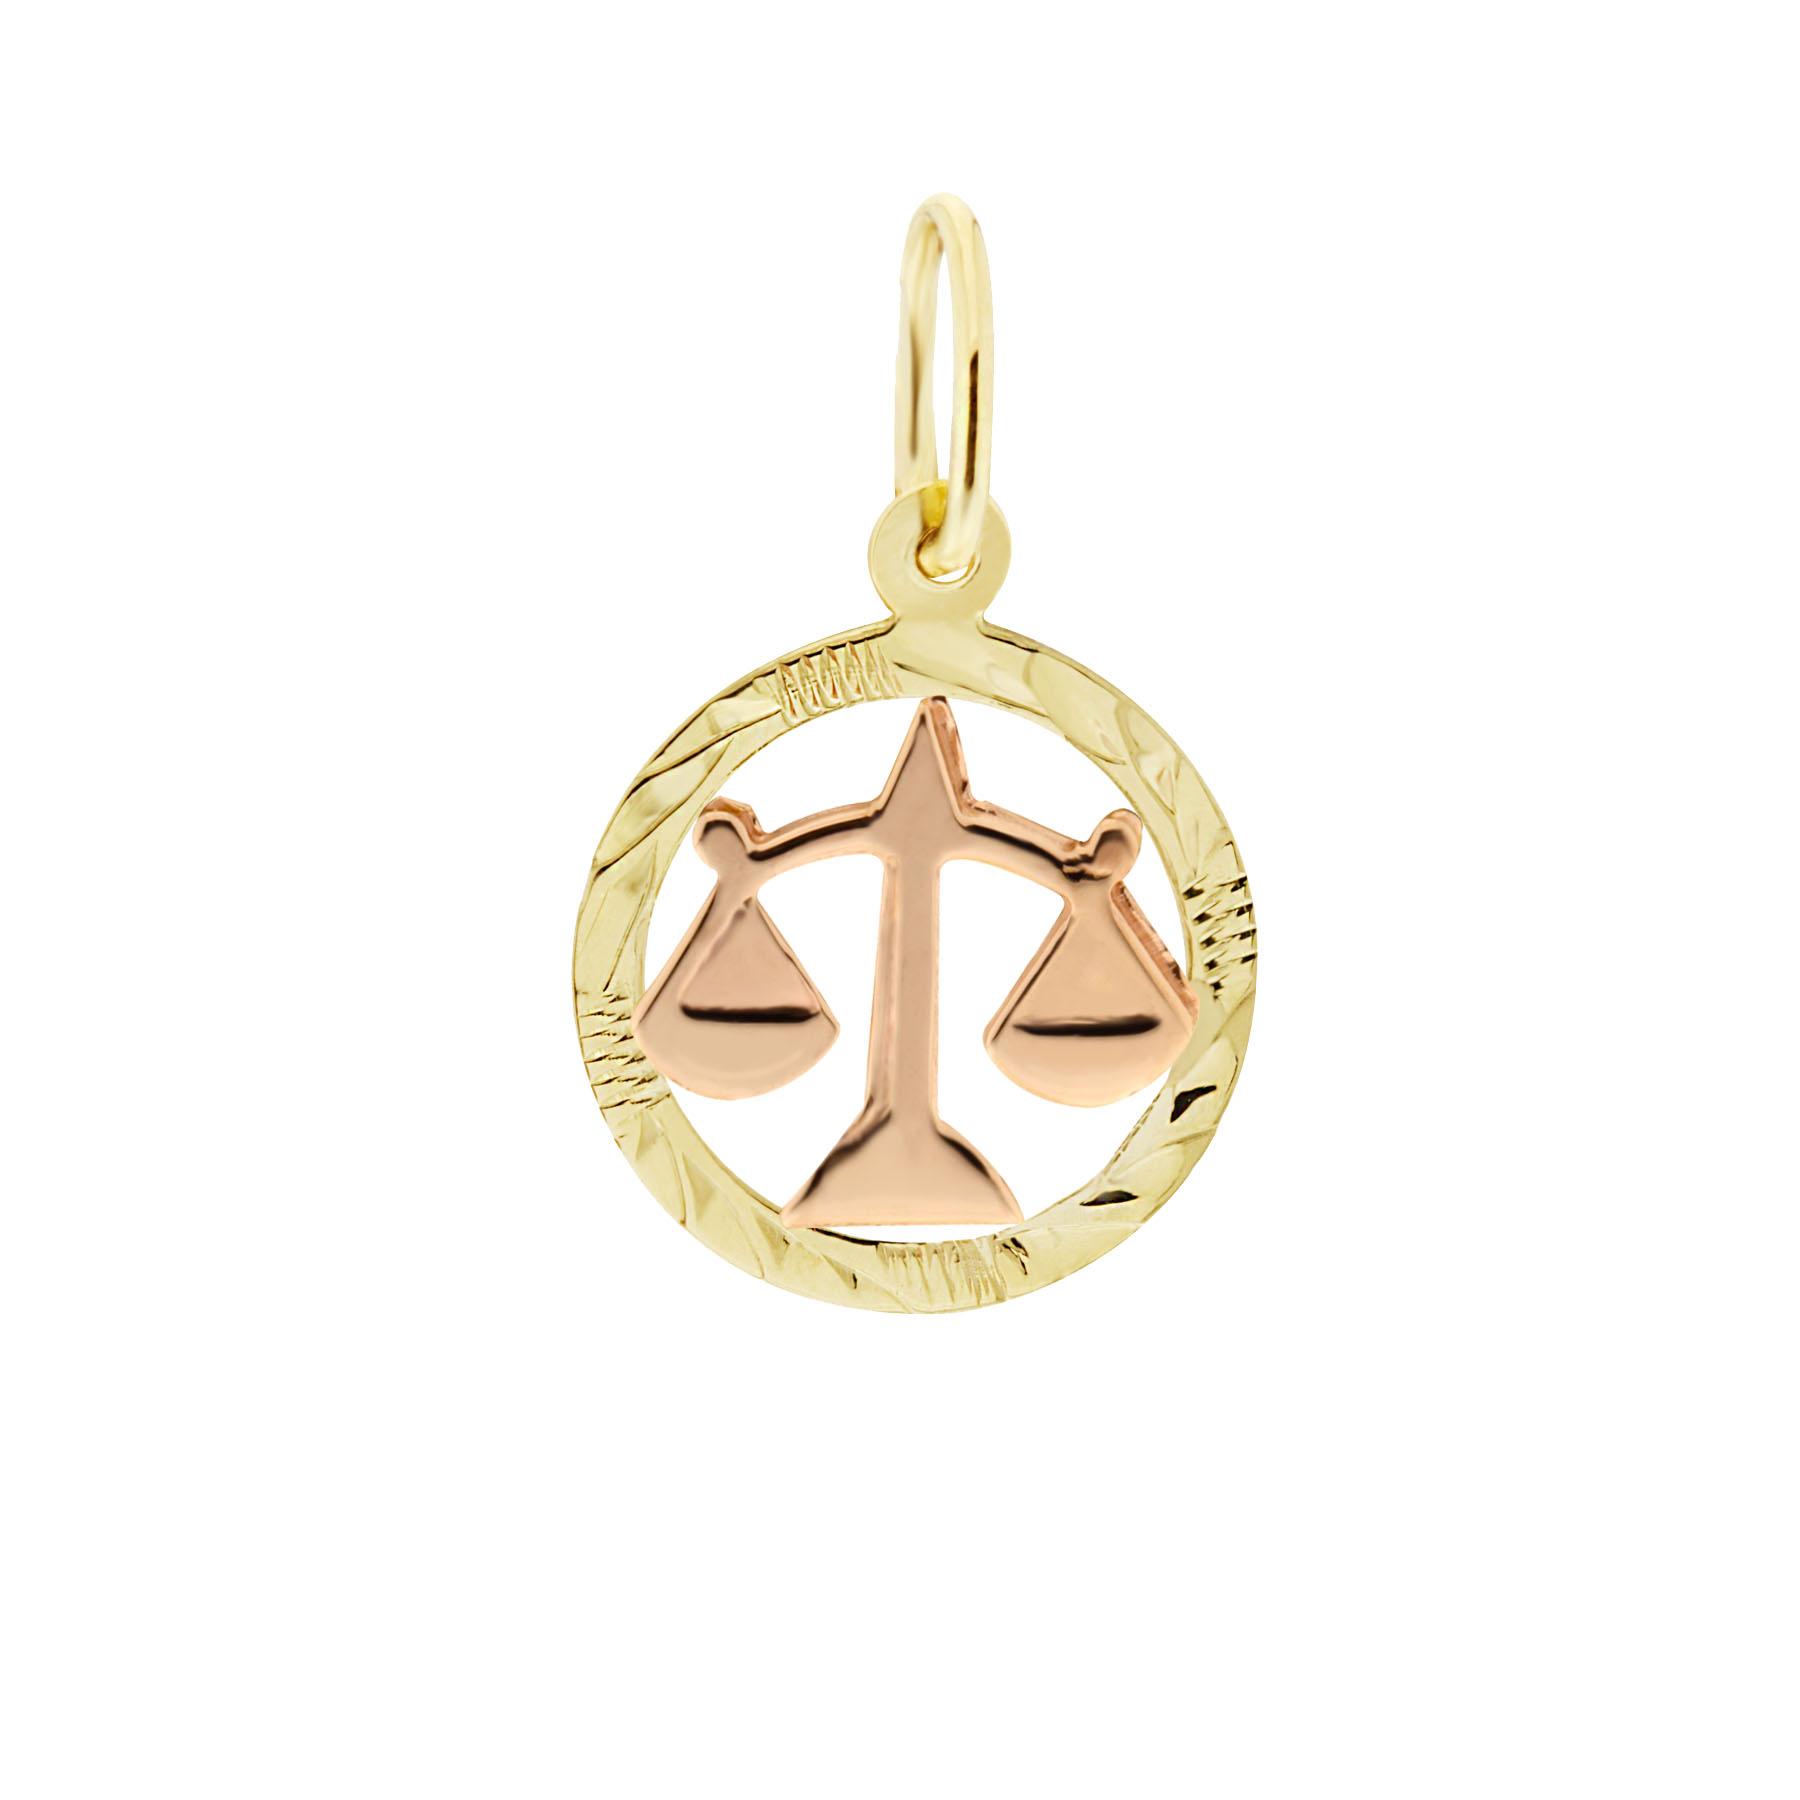 Zlatý přívěsek - znamení zvěrokruhu Váhy Tvar: Kolečko, rytý rámeček